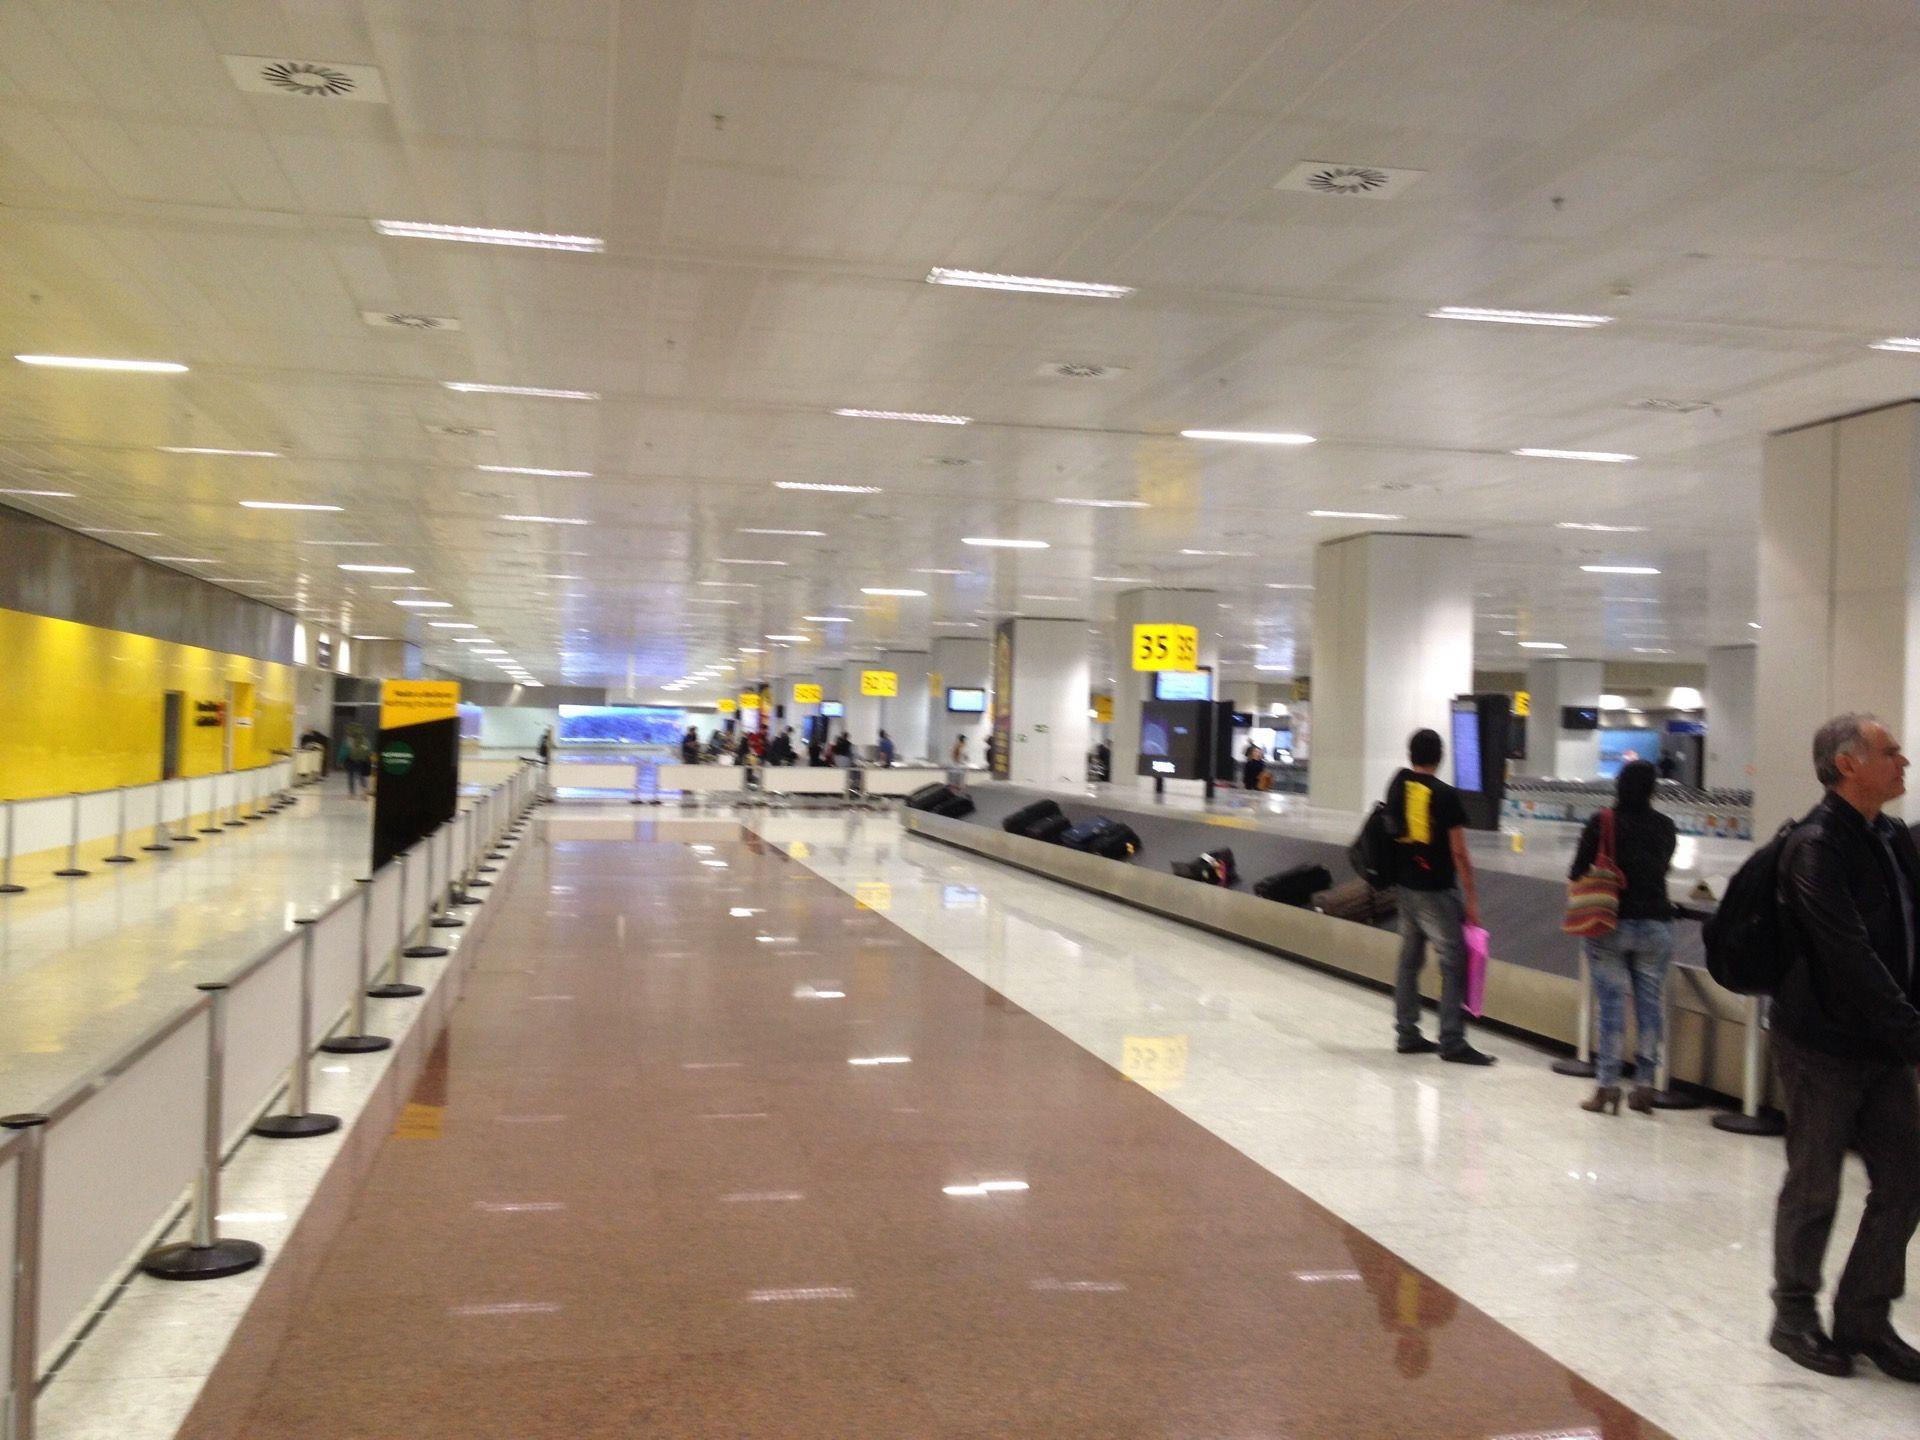 Aeroporto Sp : Aeroporto internacional de são paulo guarulhos gru in